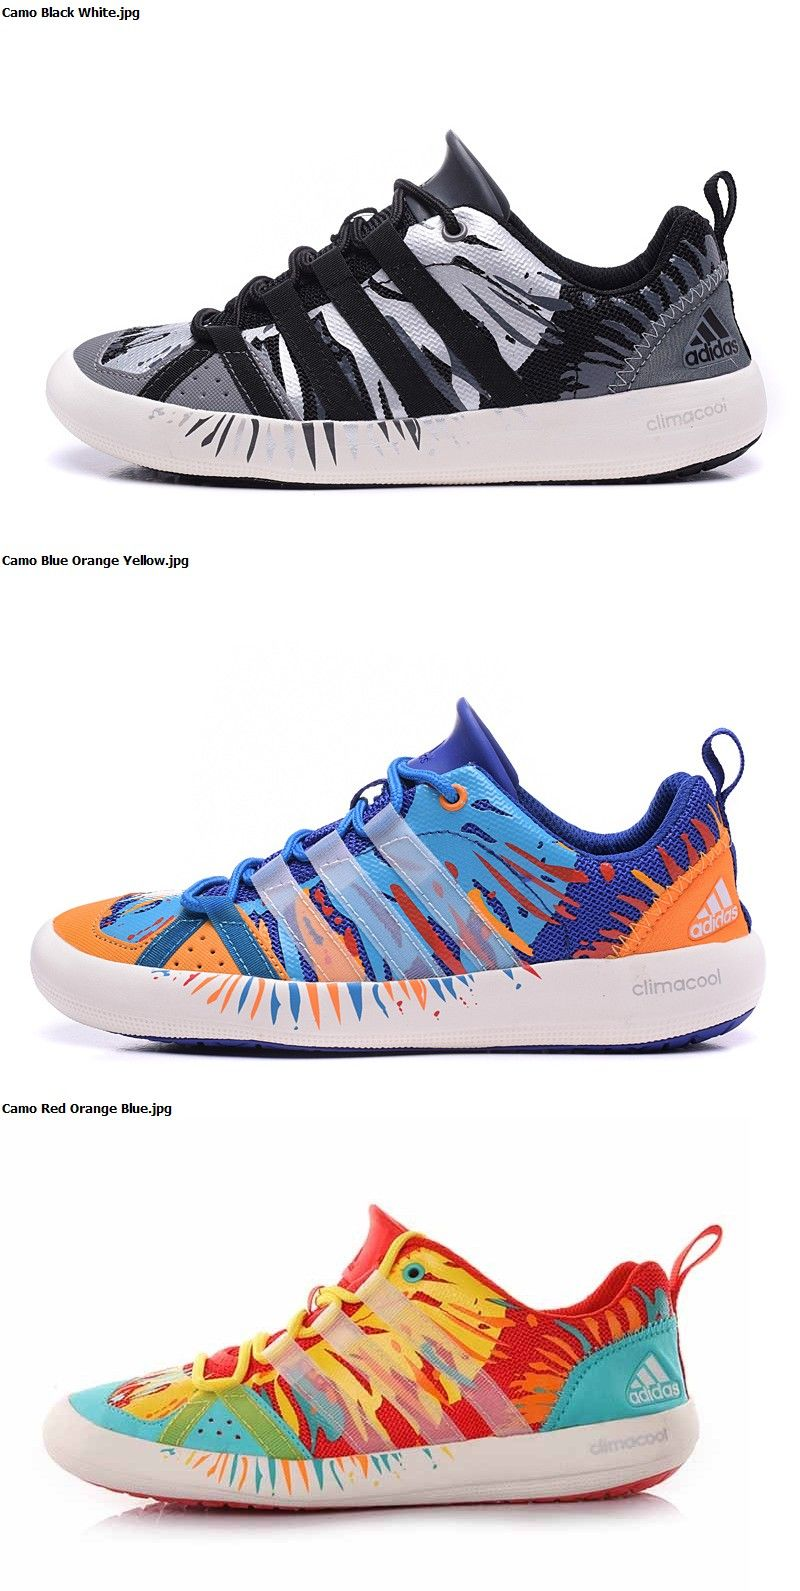 2b563ebff203 Adidas Climacool Boat Lace Graffiti Unisex wading shoes Free Shipping Camo  Black White